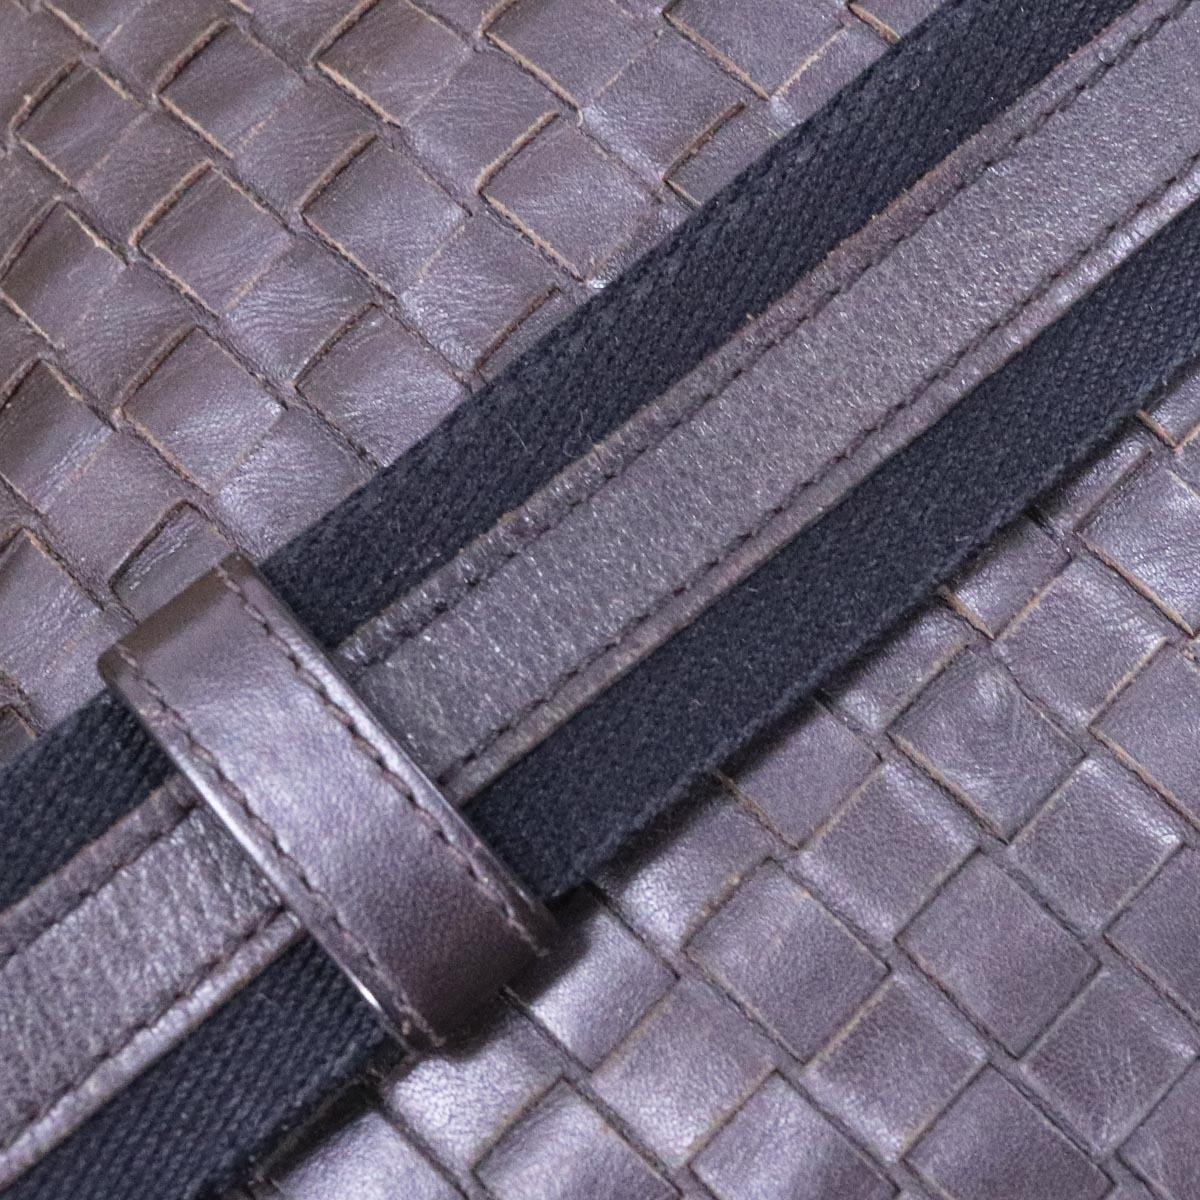 本物 ボッテガヴェネタ 最高級イントレチャートレザー メンズクロスボディバッグ 斜め掛けショルダーバッグ BOTTEGA VENETA_画像5